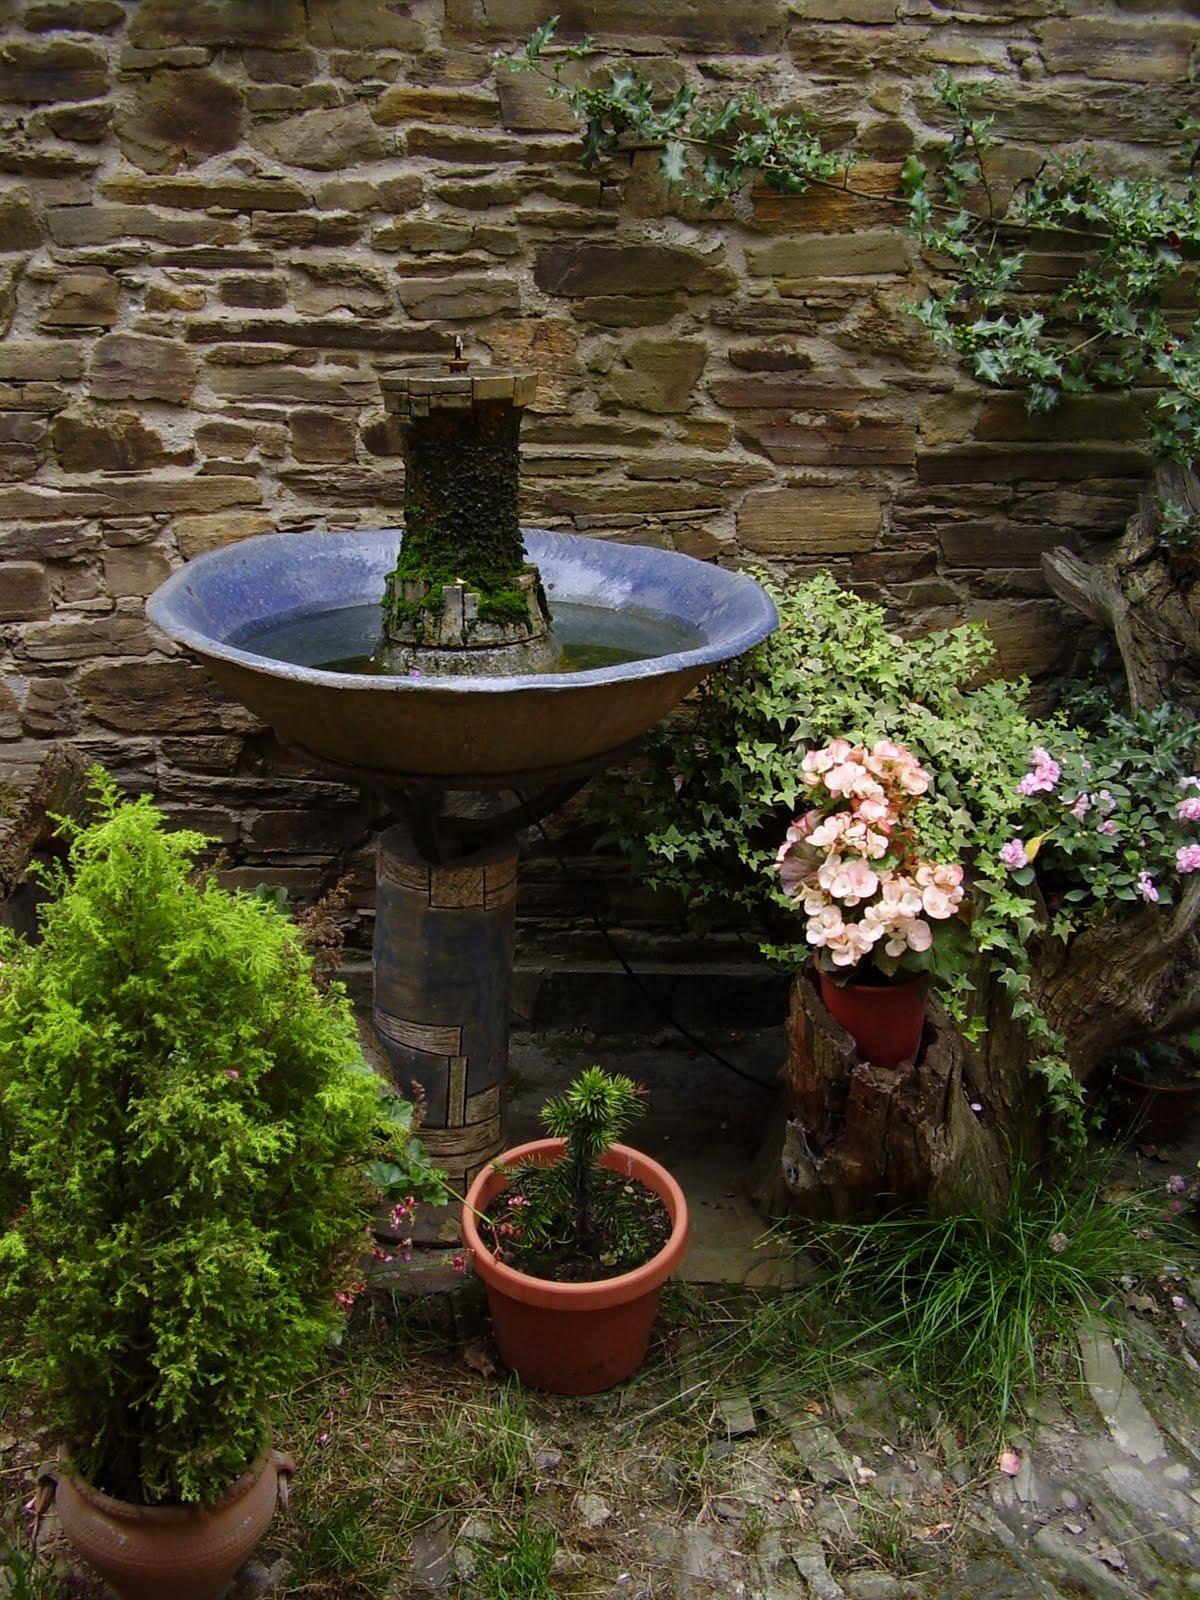 Fuentes ornamentales de interior y exterior for Peces para fuente exterior